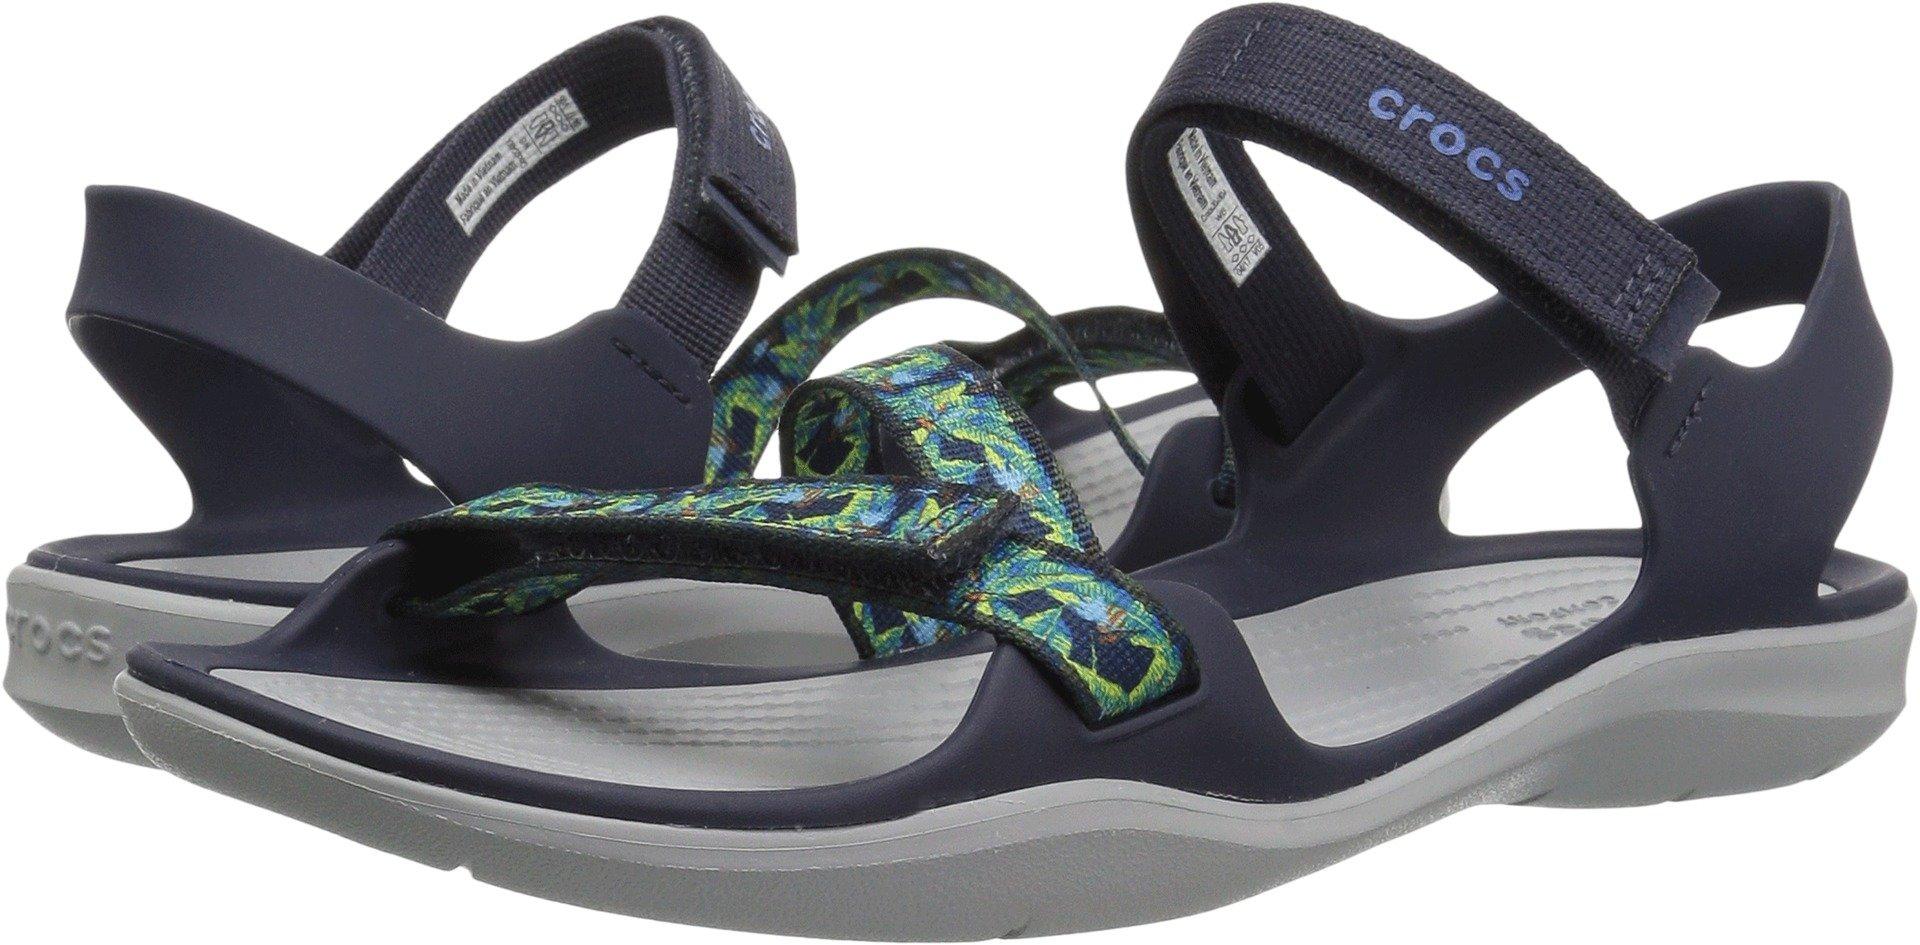 Crocs Women's Swiftwater Webbing W Flat Sandal, Navy, 9 M US